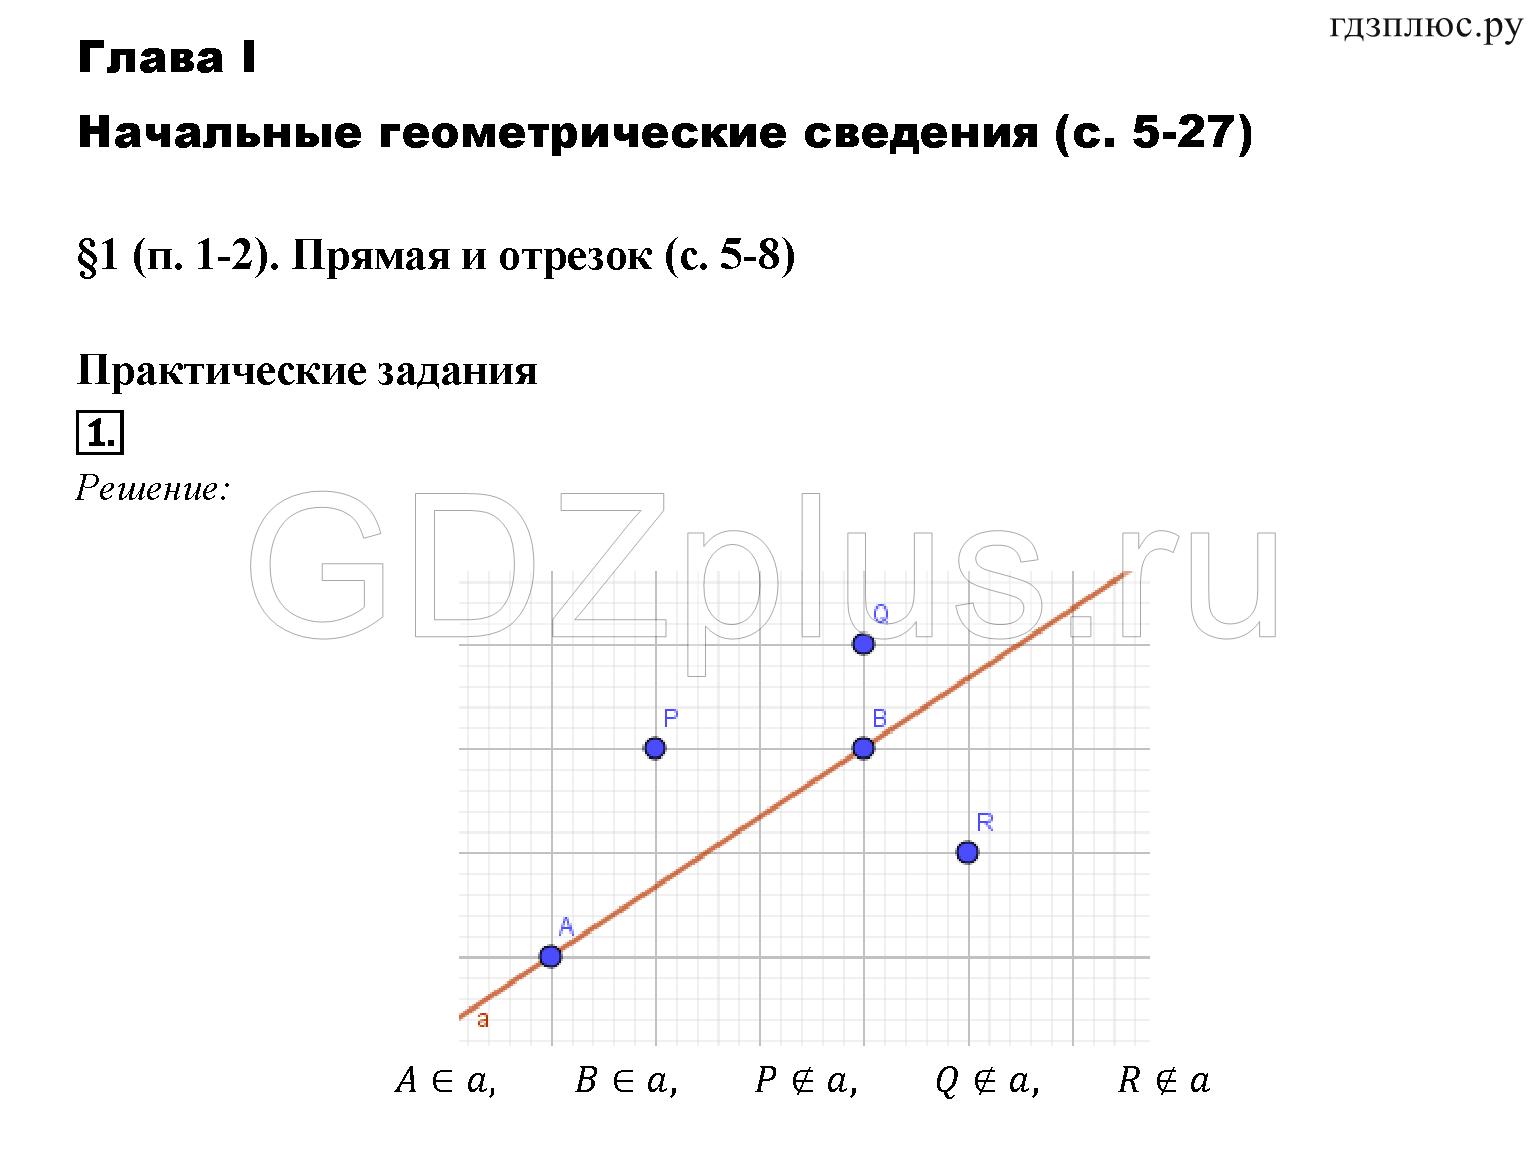 Задания из учебника: 1 - решебник №1